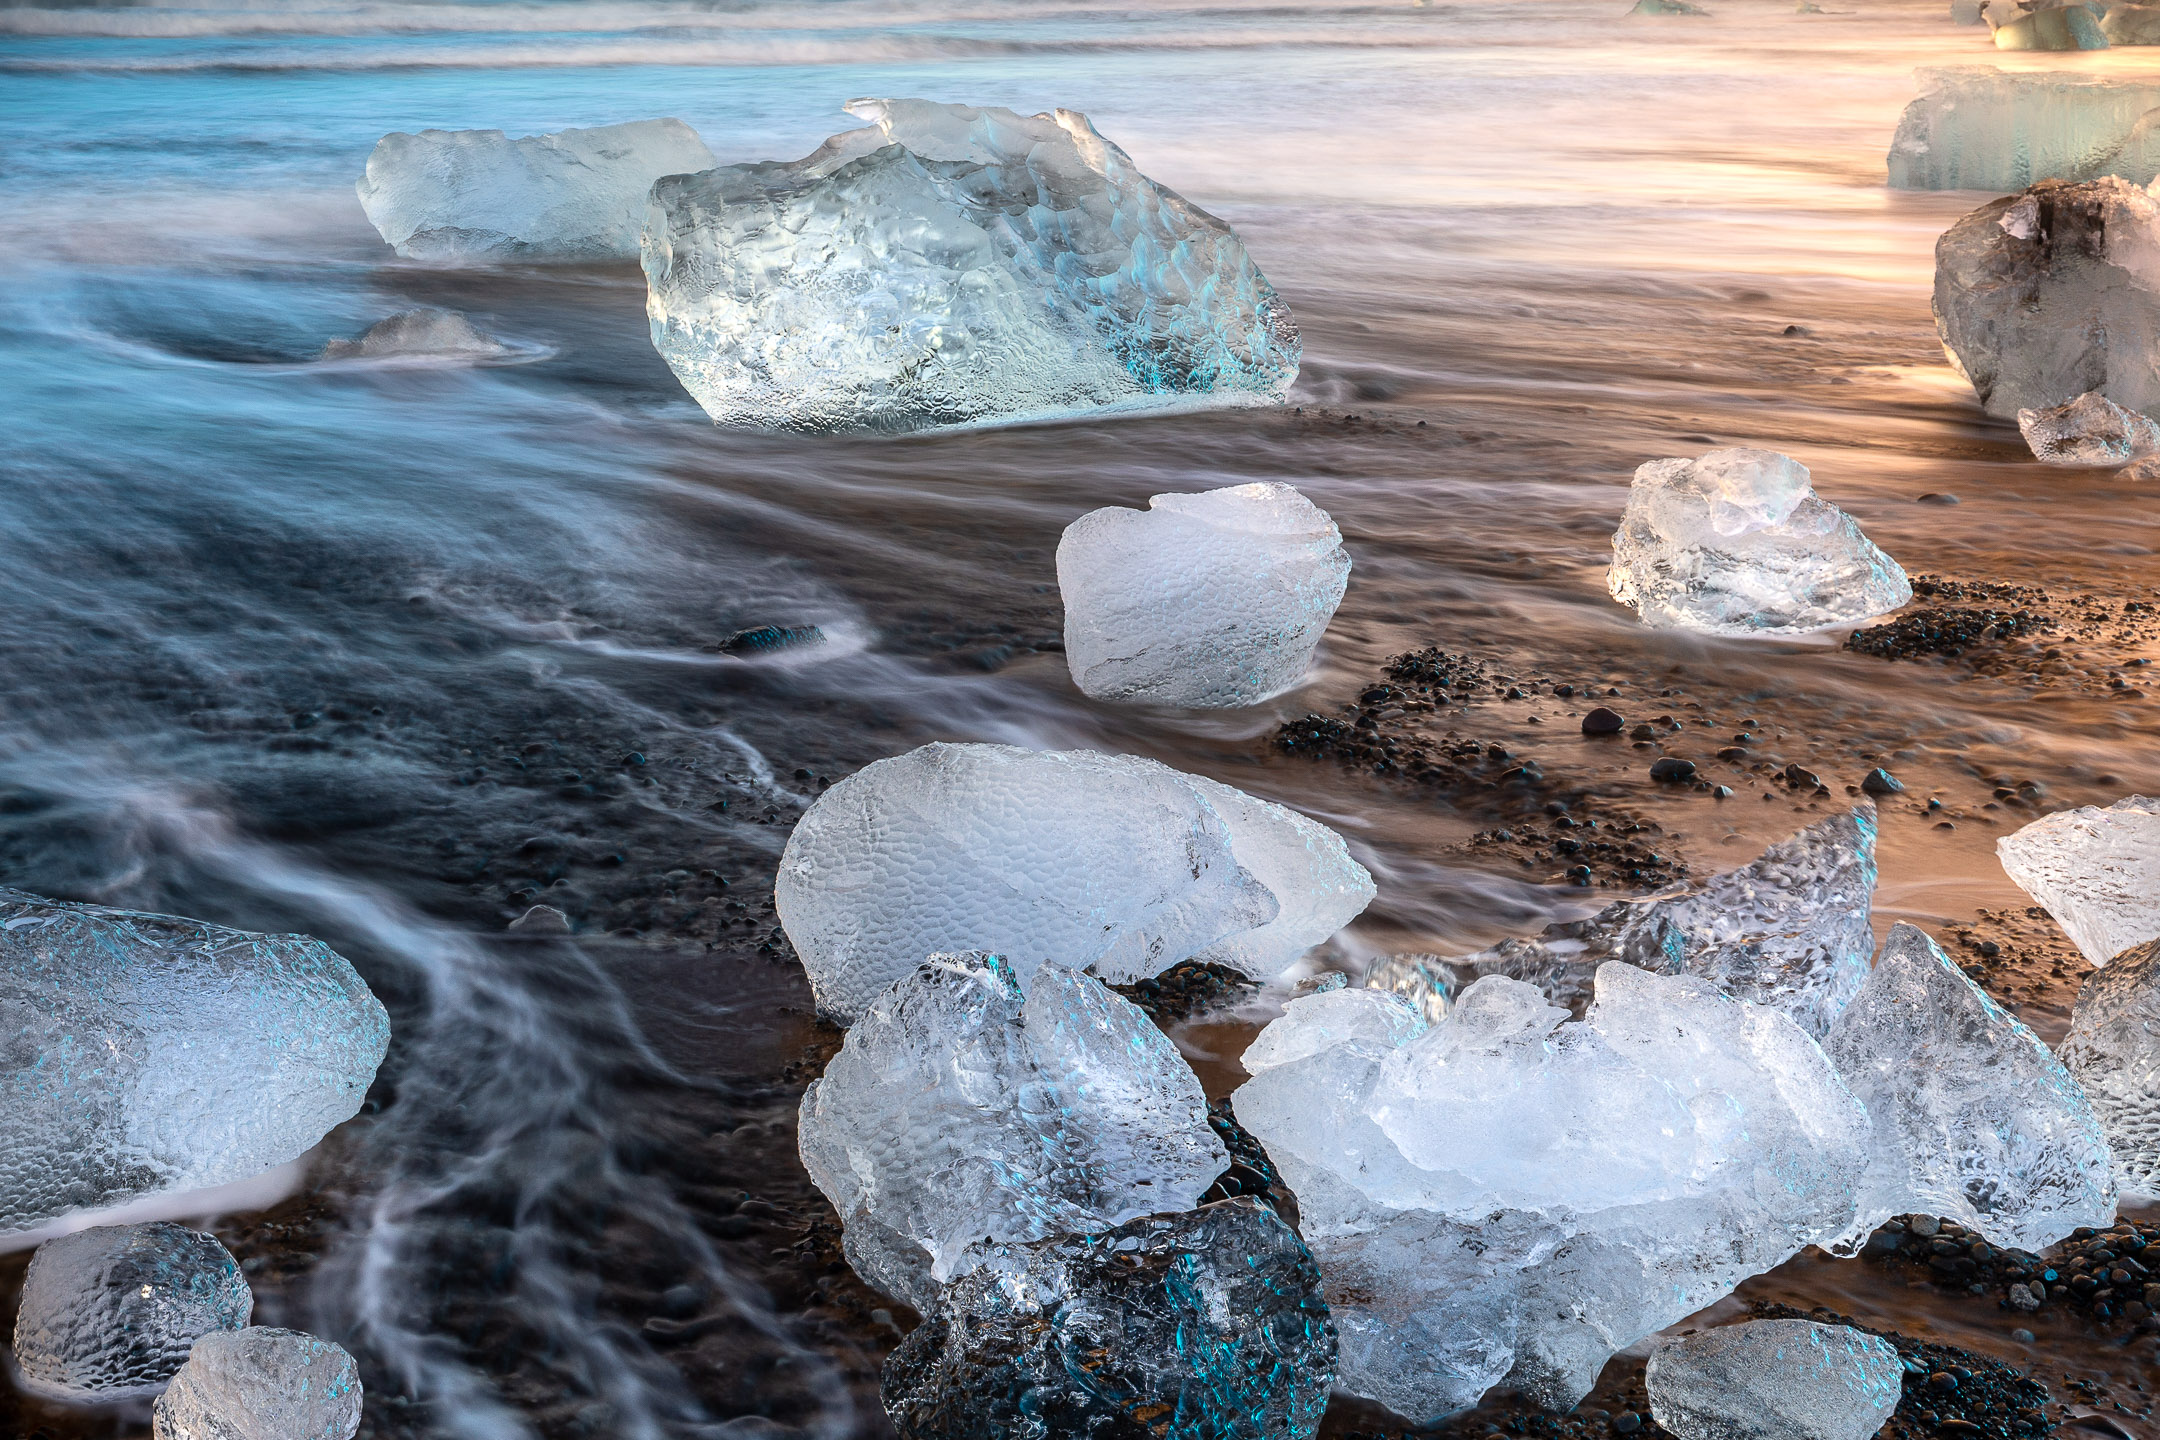 Diamonds of ice